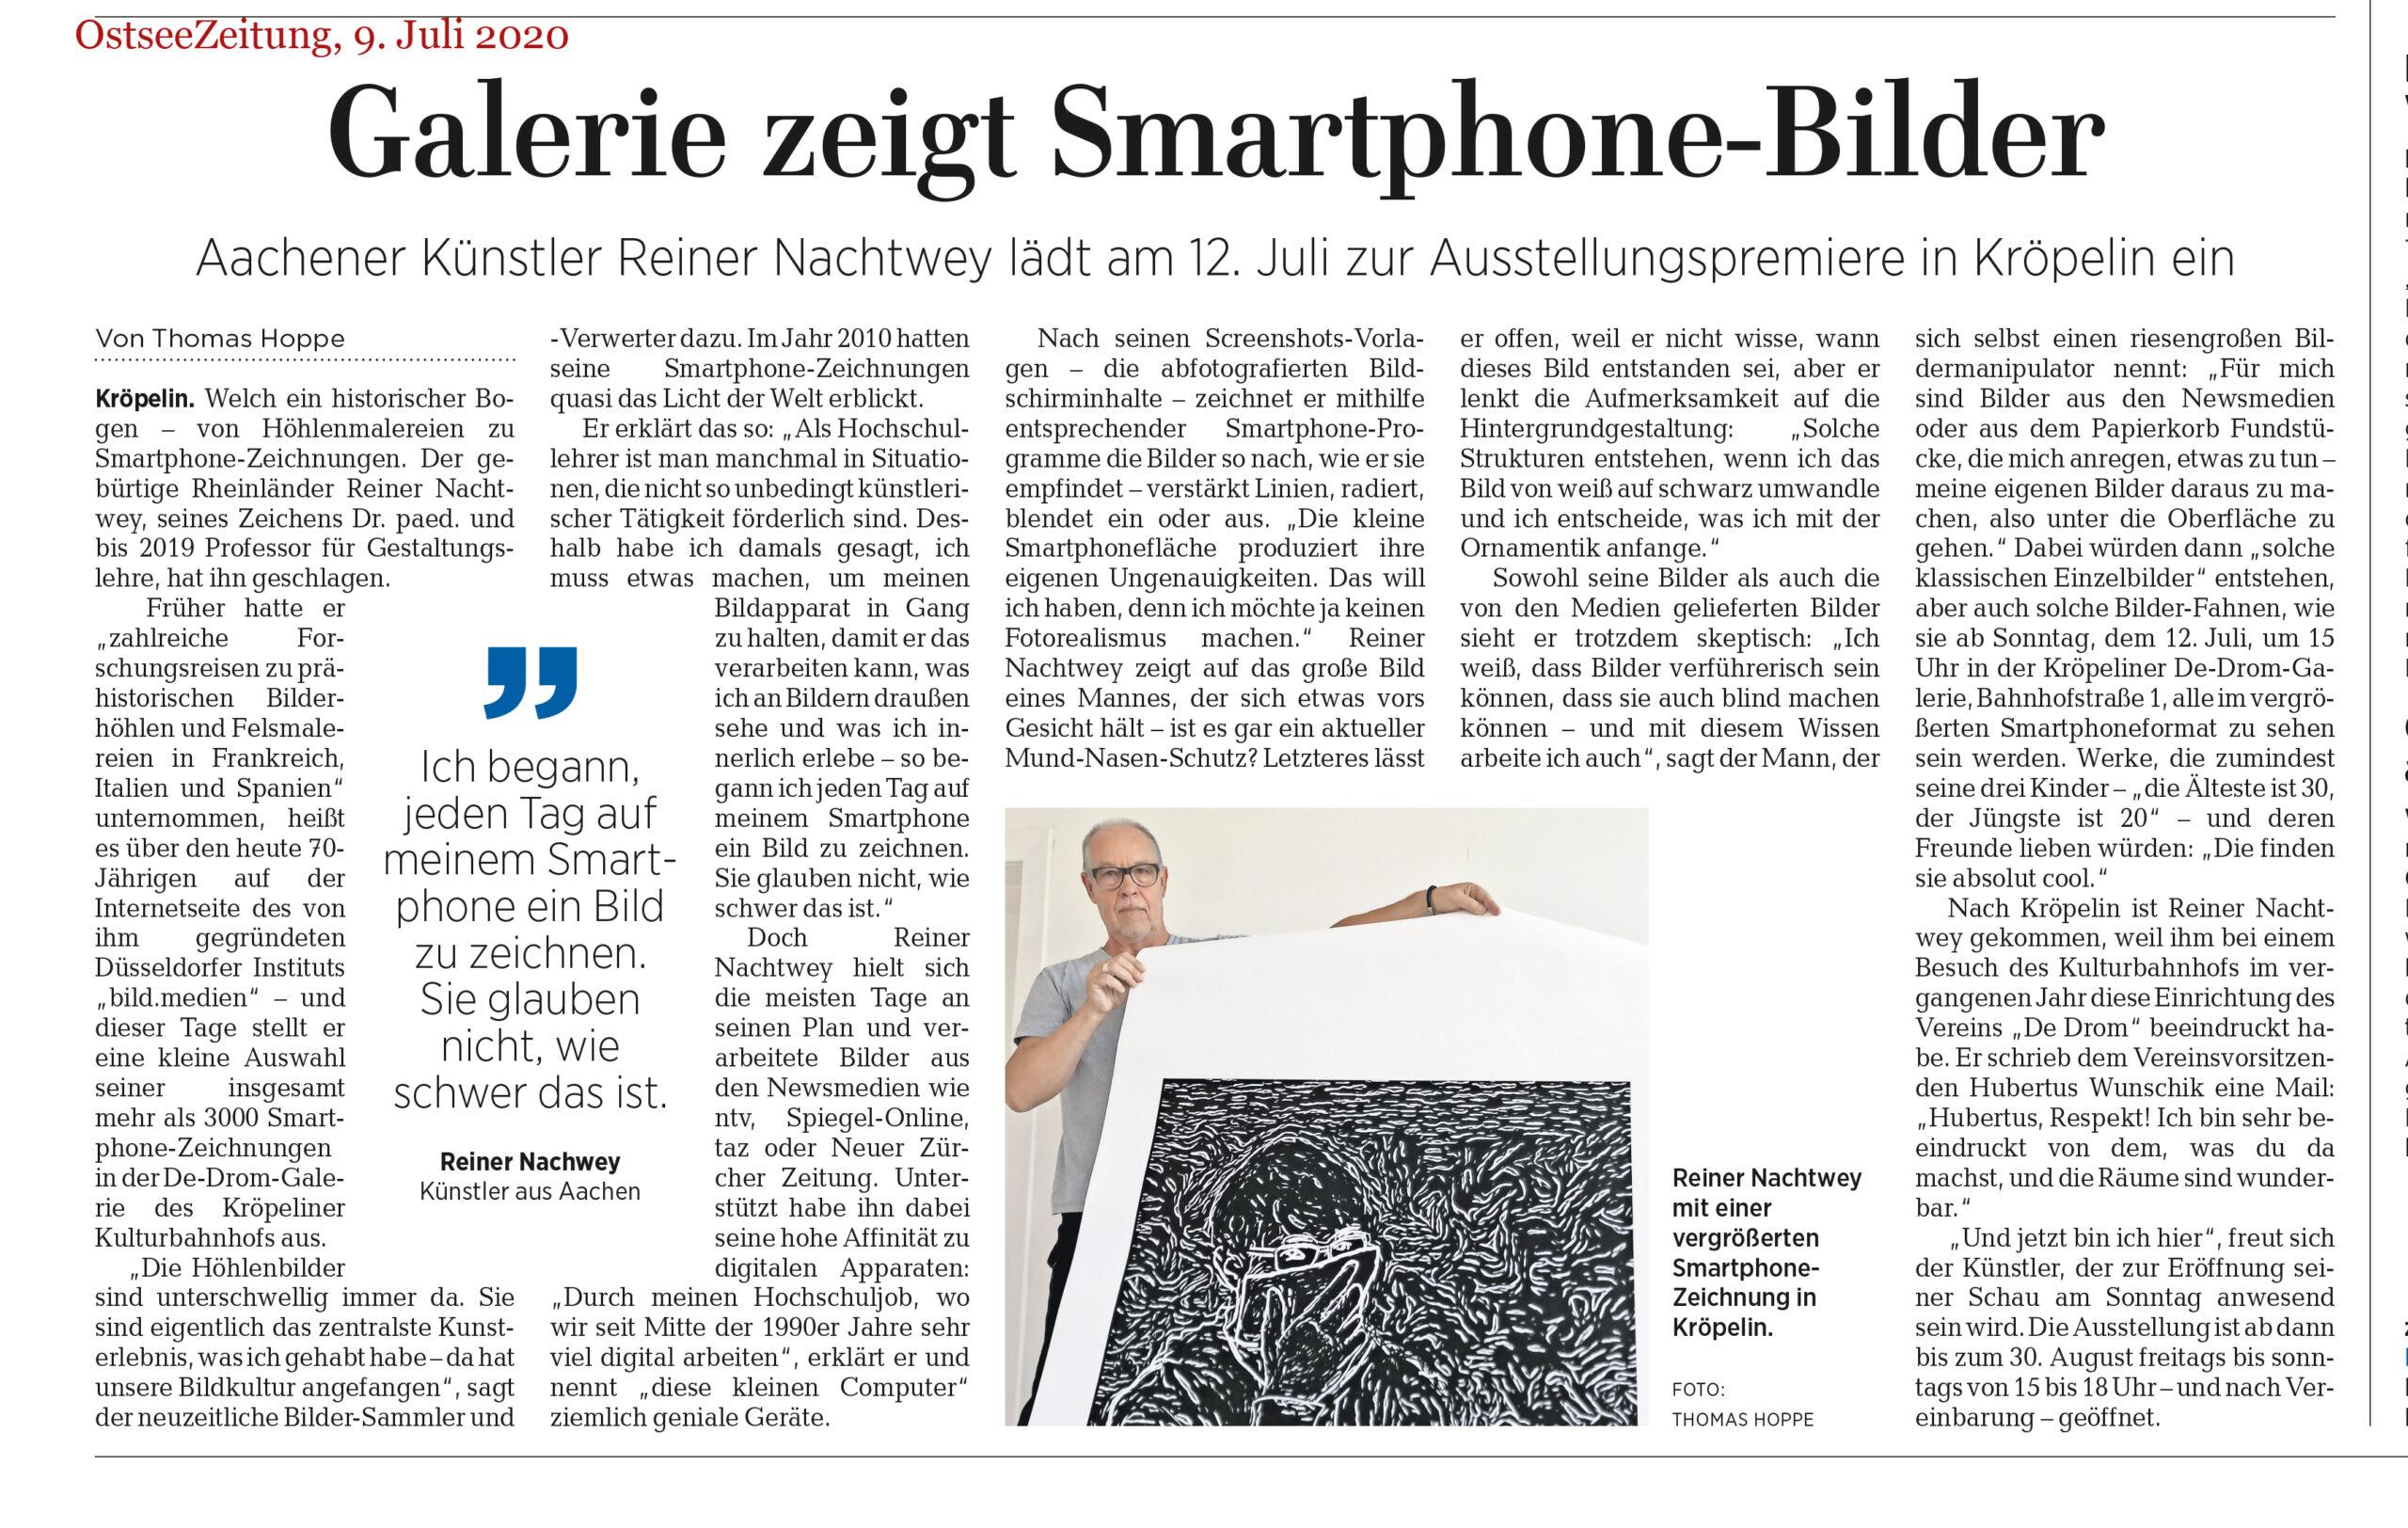 Ostseezeitung Artikel 9.7.2020